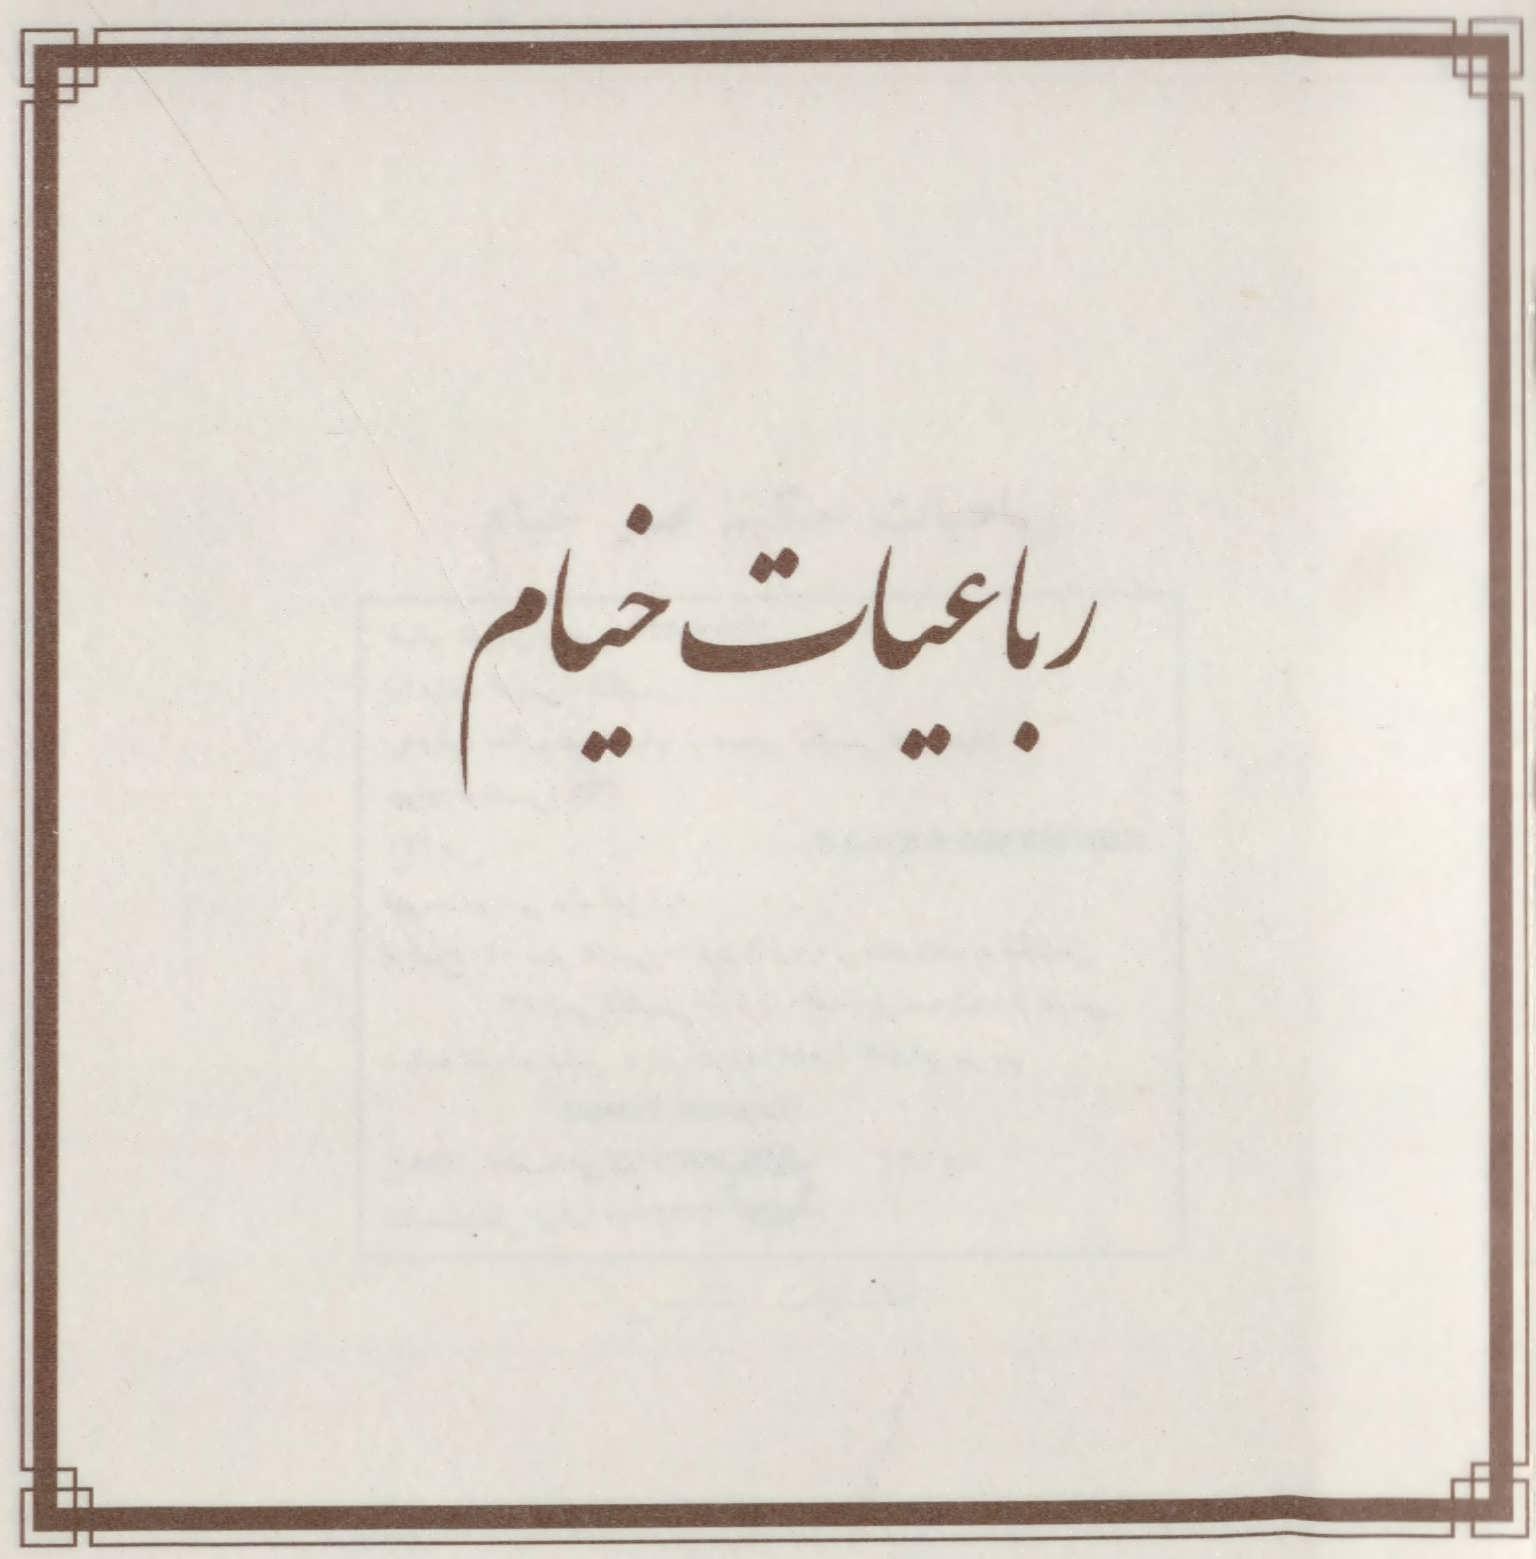 رباعیات حکیم عمر خیام (2زبانه)